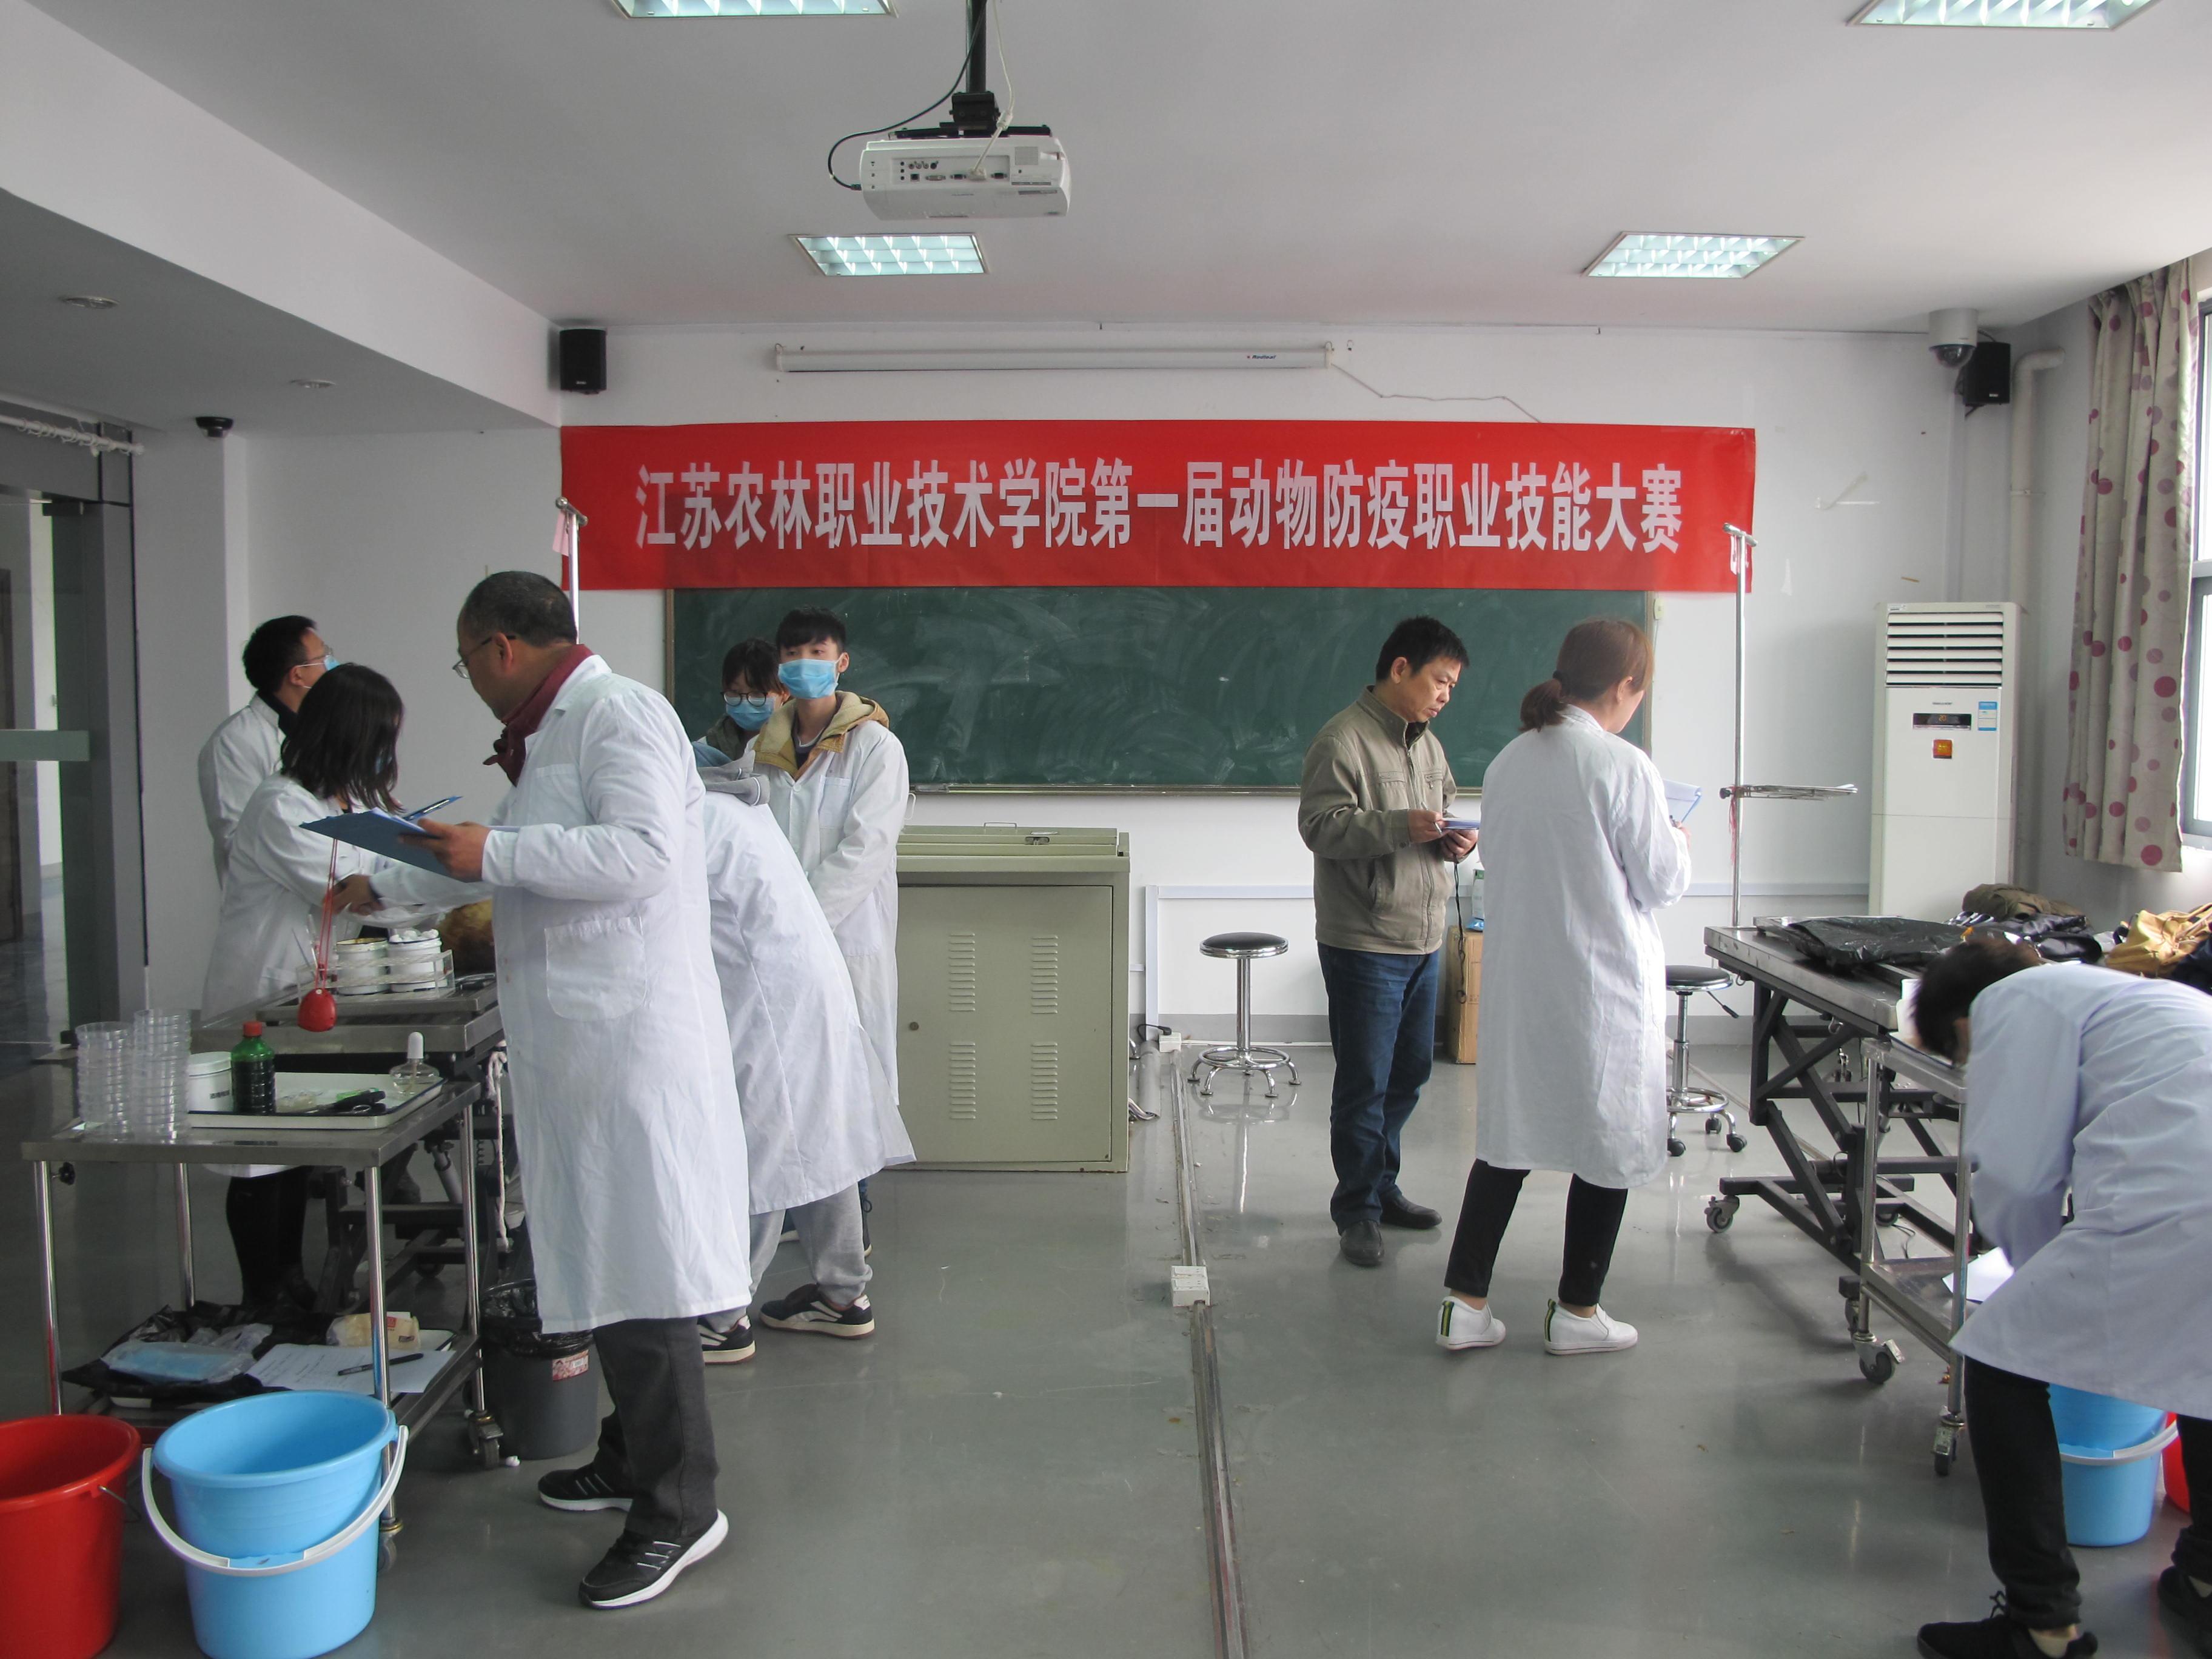 畜牧兽医系举办第一届动物防疫职业技能比赛